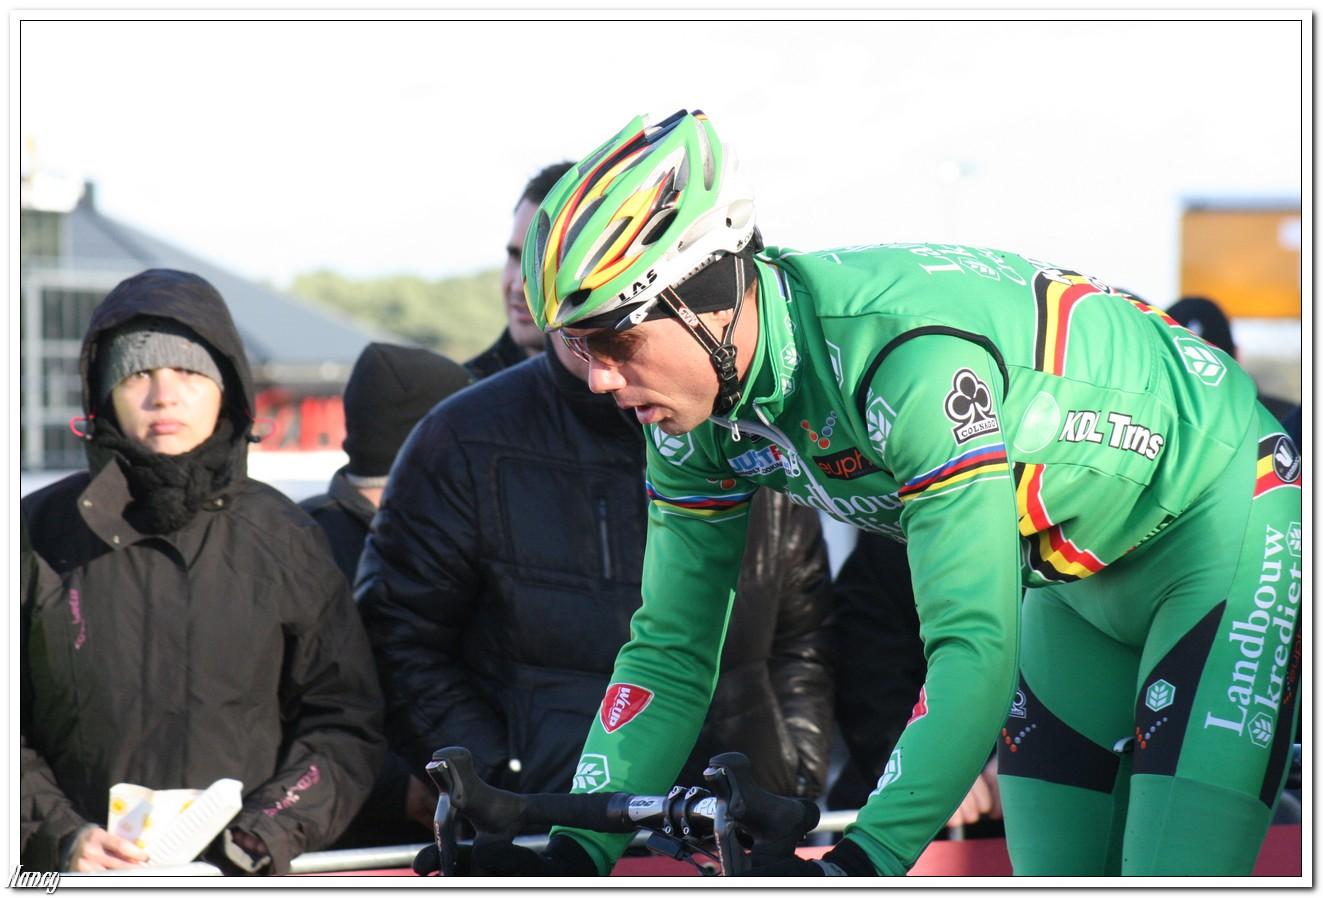 Eerste wedstrijd nieuwe seizoen Sven Nys is de Marathon van de Roc d'Ardennes